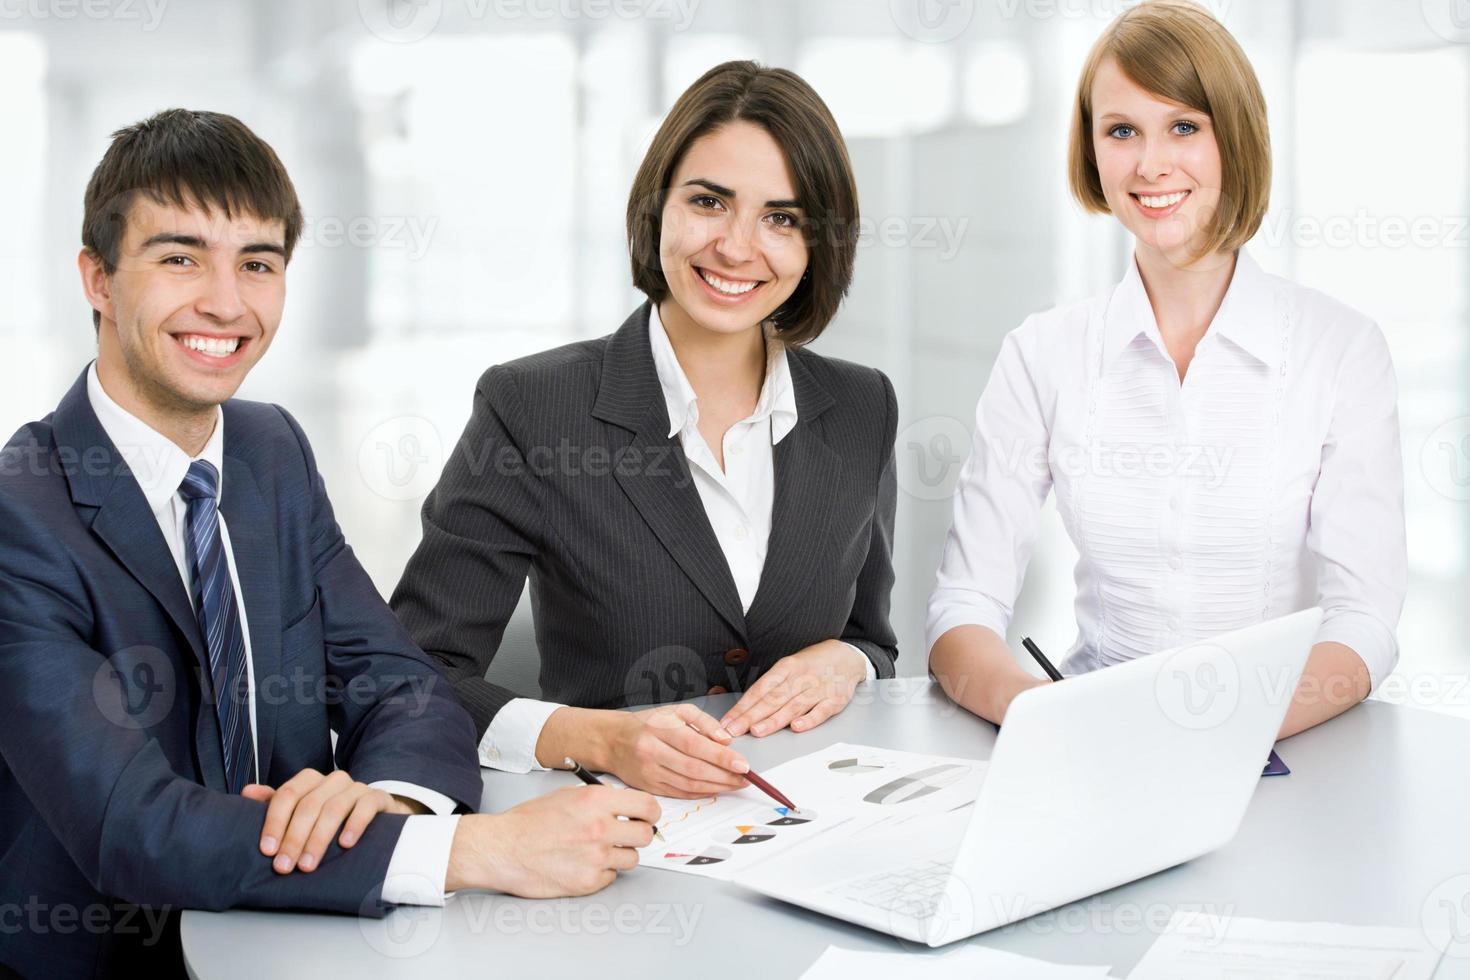 jovens empresários. trabalho em equipe. foto